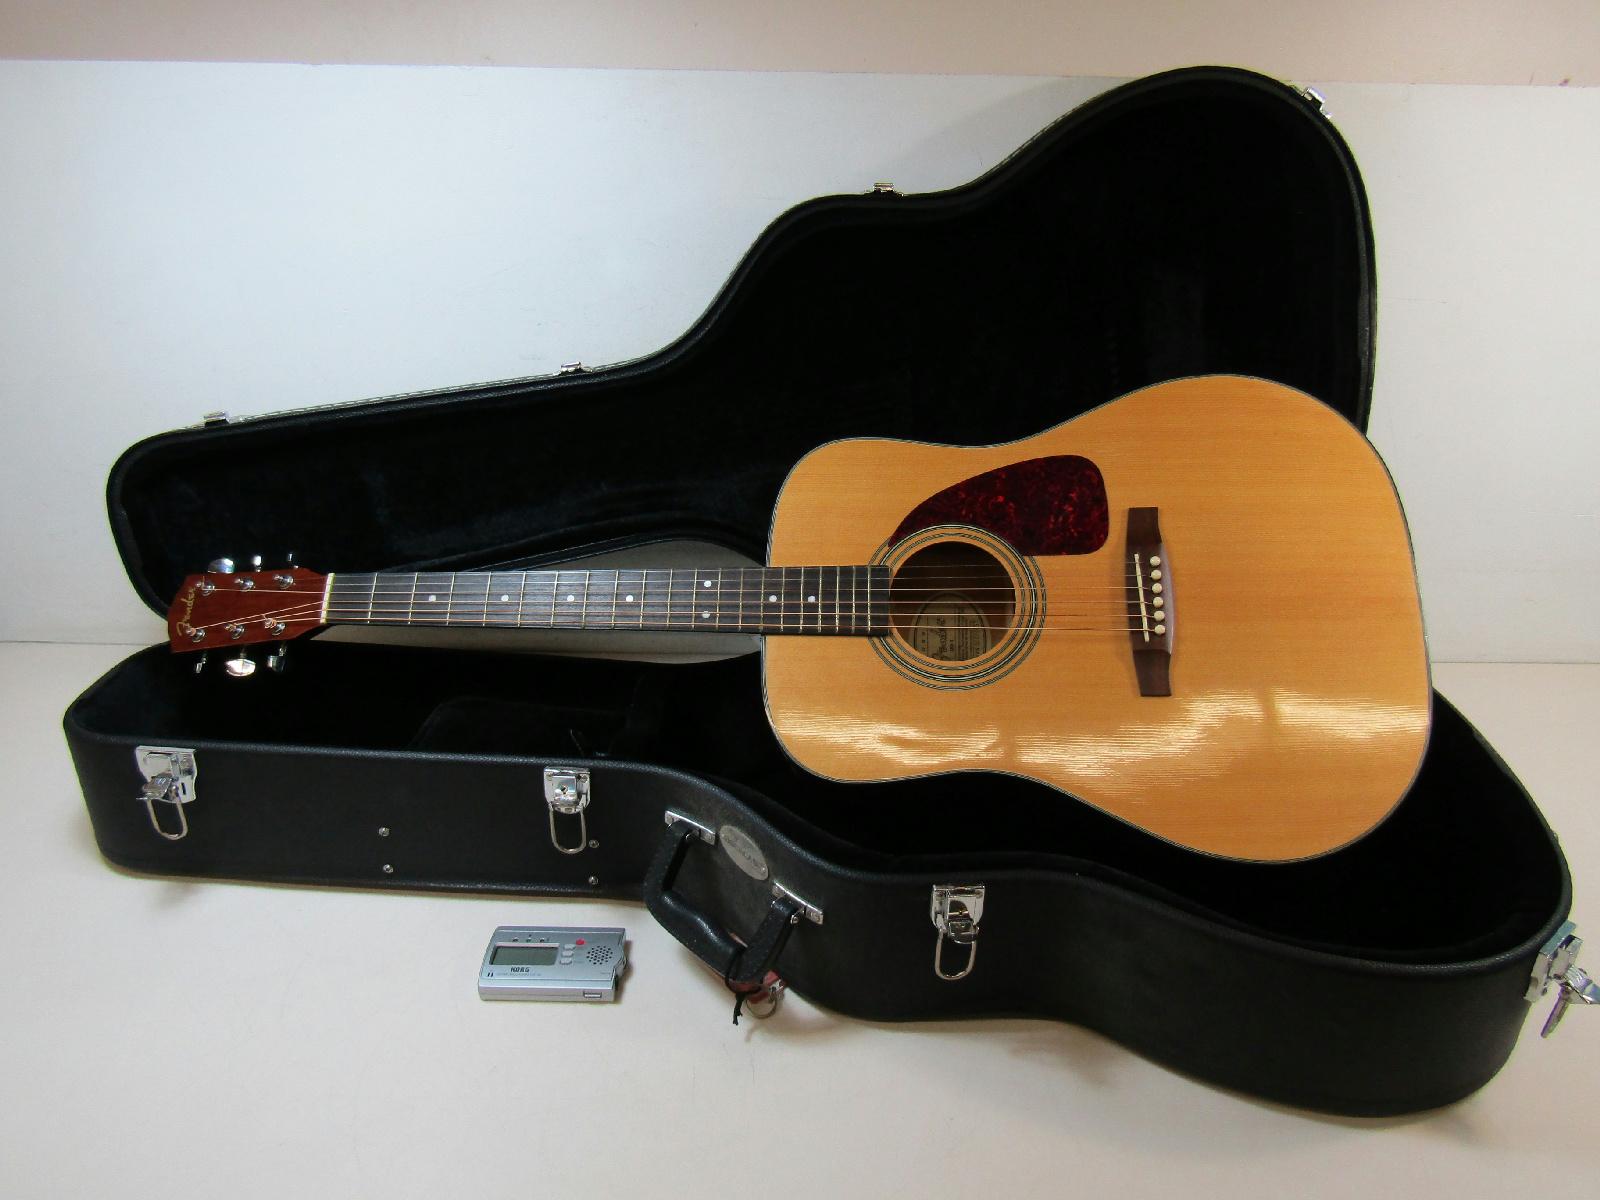 fender dg 7 acoustic guitar right handed w hard shell case ebay. Black Bedroom Furniture Sets. Home Design Ideas